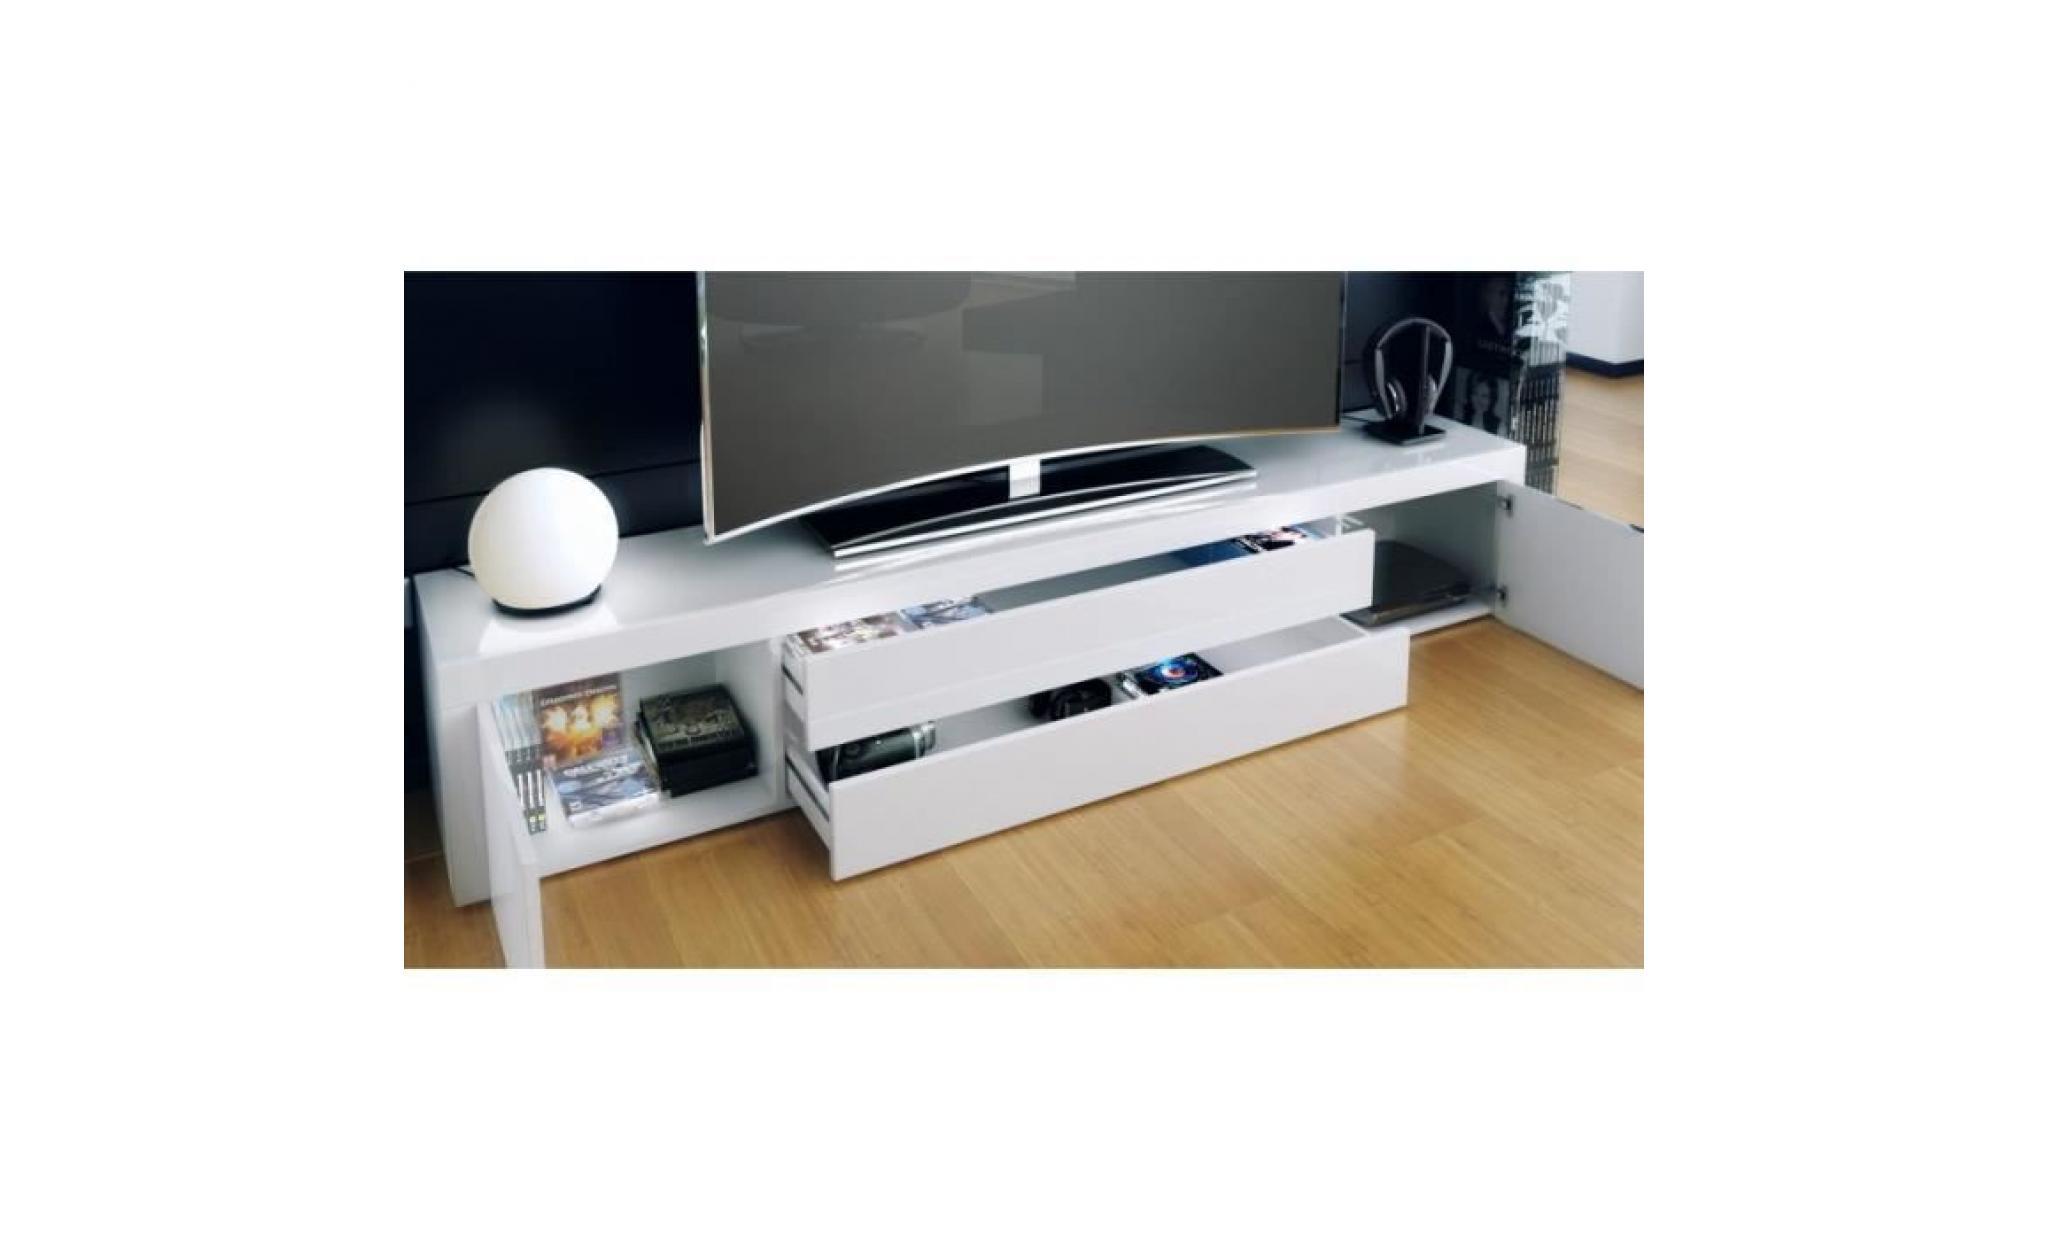 meuble bas pour tv blanc laque achat vente meuble tv pas cher couleur et design fr